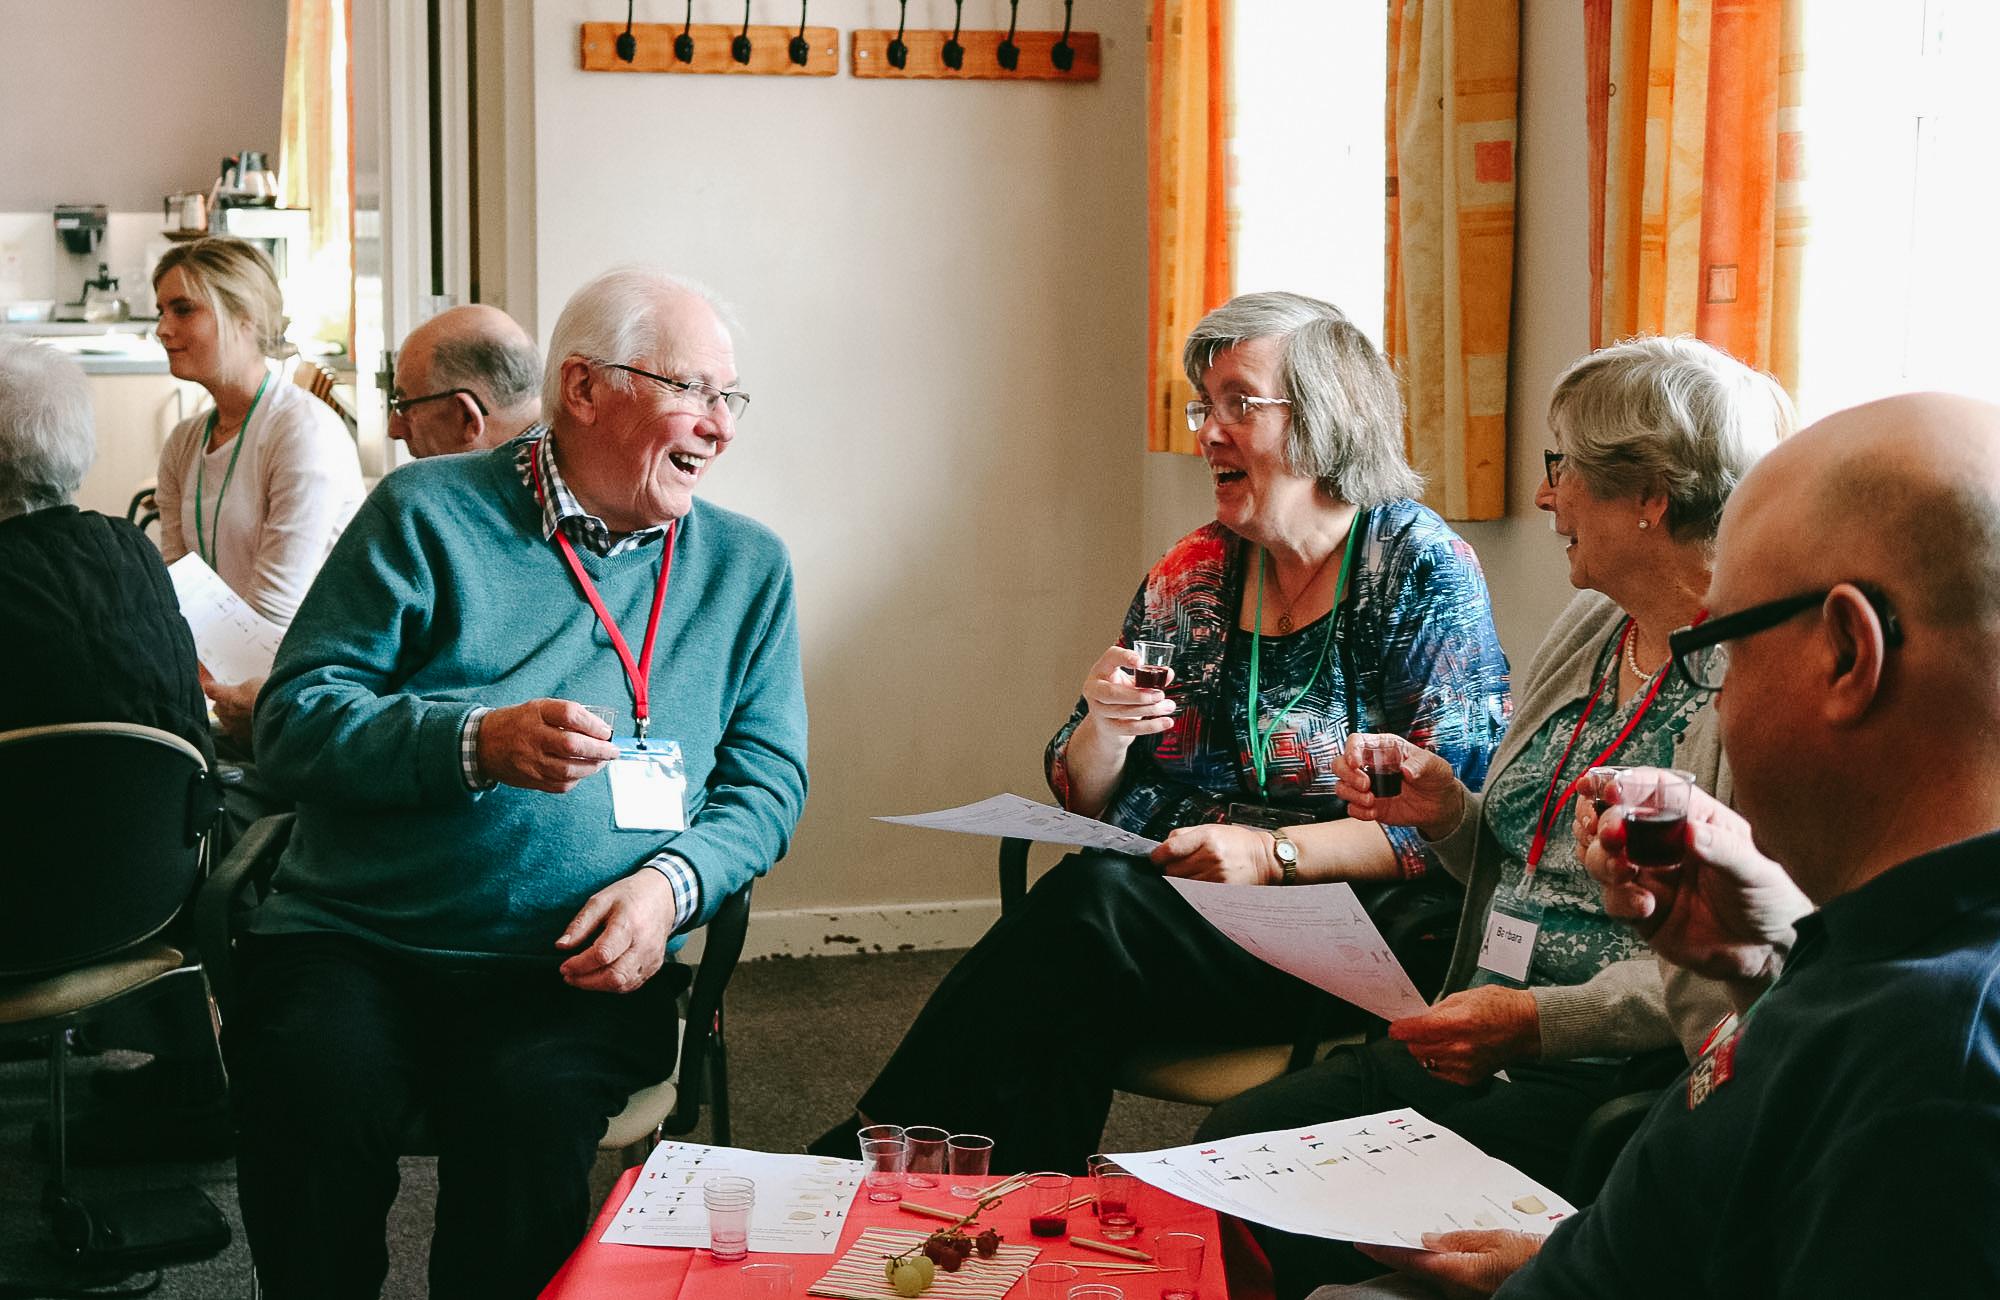 st-johns-harborne-seniors-group-web.jpg